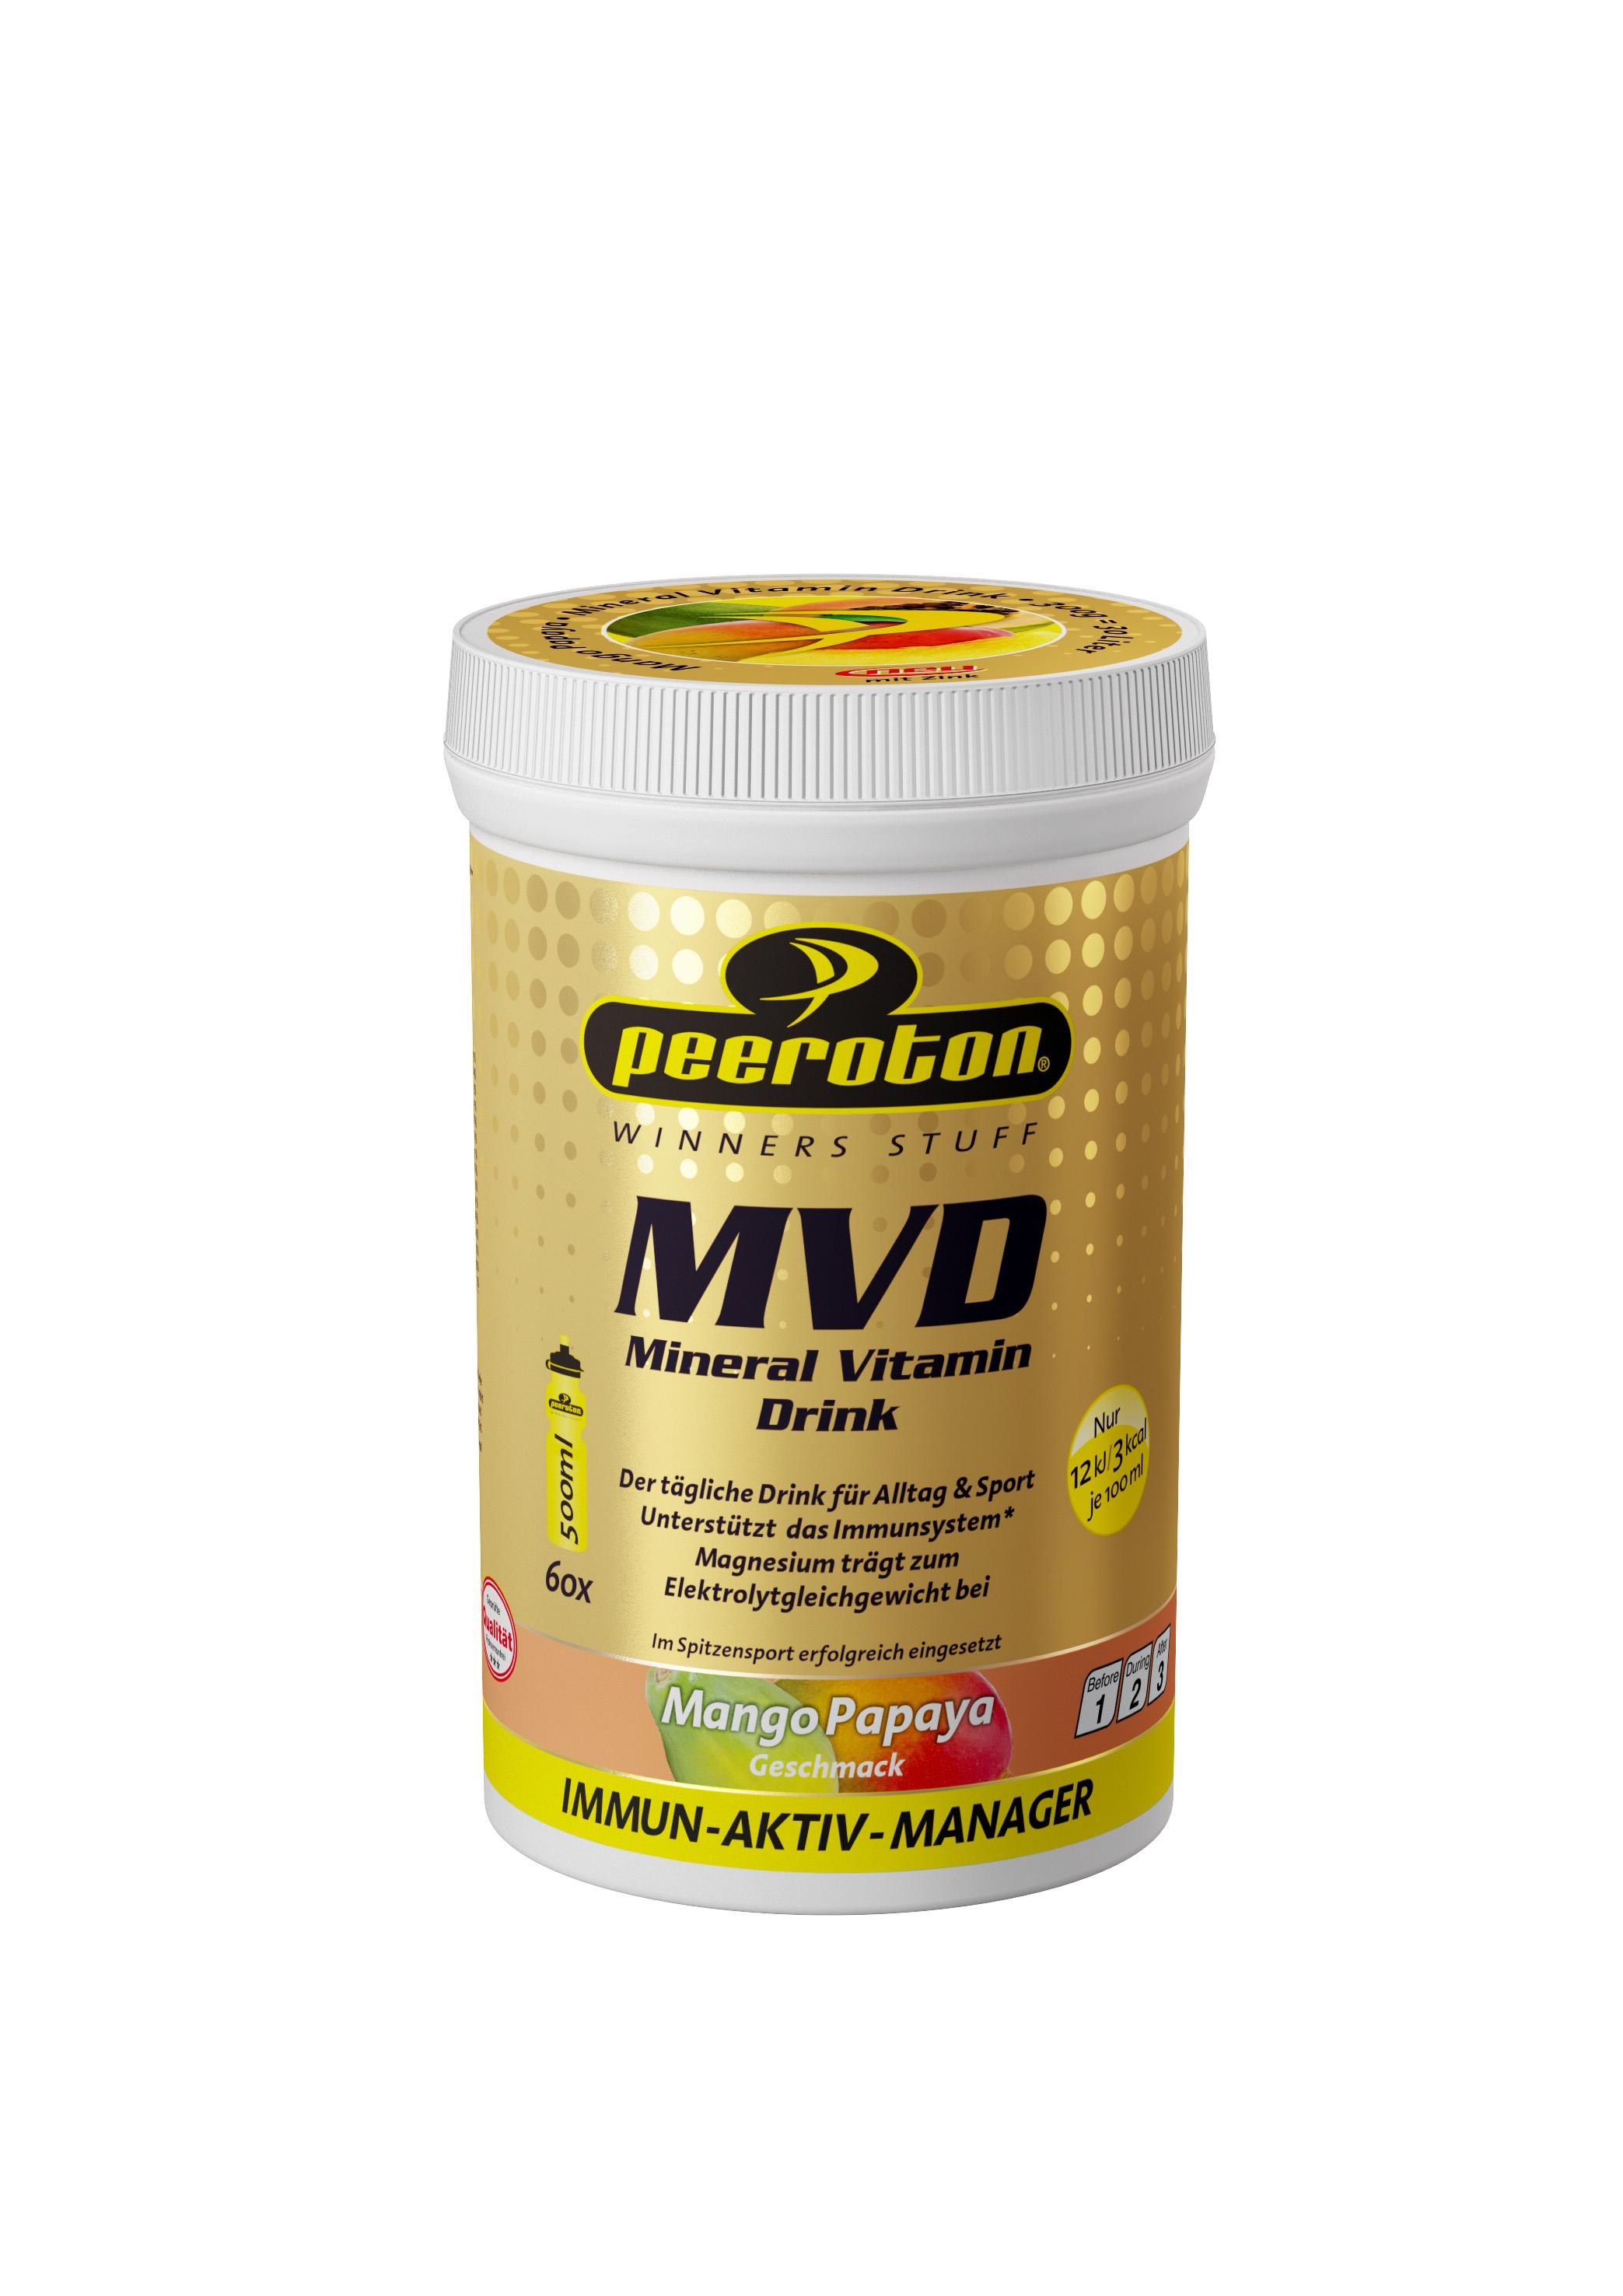 Peeroton MINERAL VITAMIN Drink Mango-Papaya 300g ( für 30 Liter Getränk) - Immun Aktiv